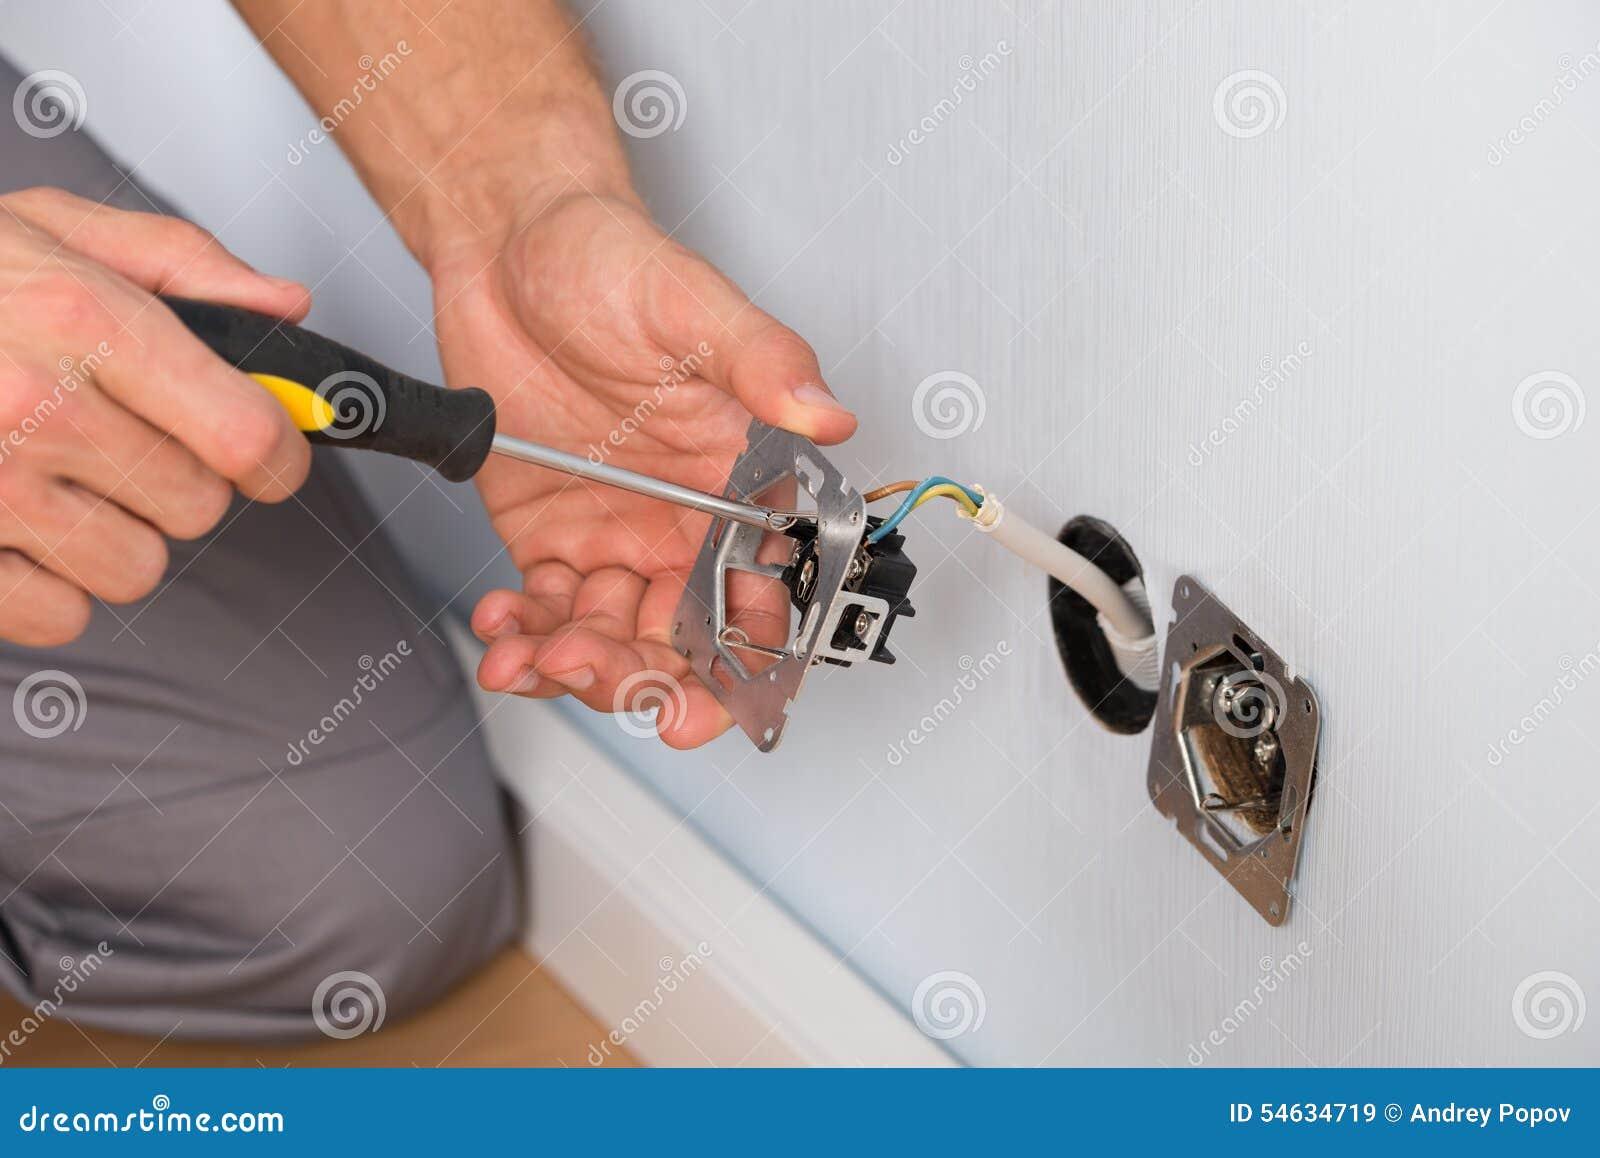 安装壁上插座的电工手